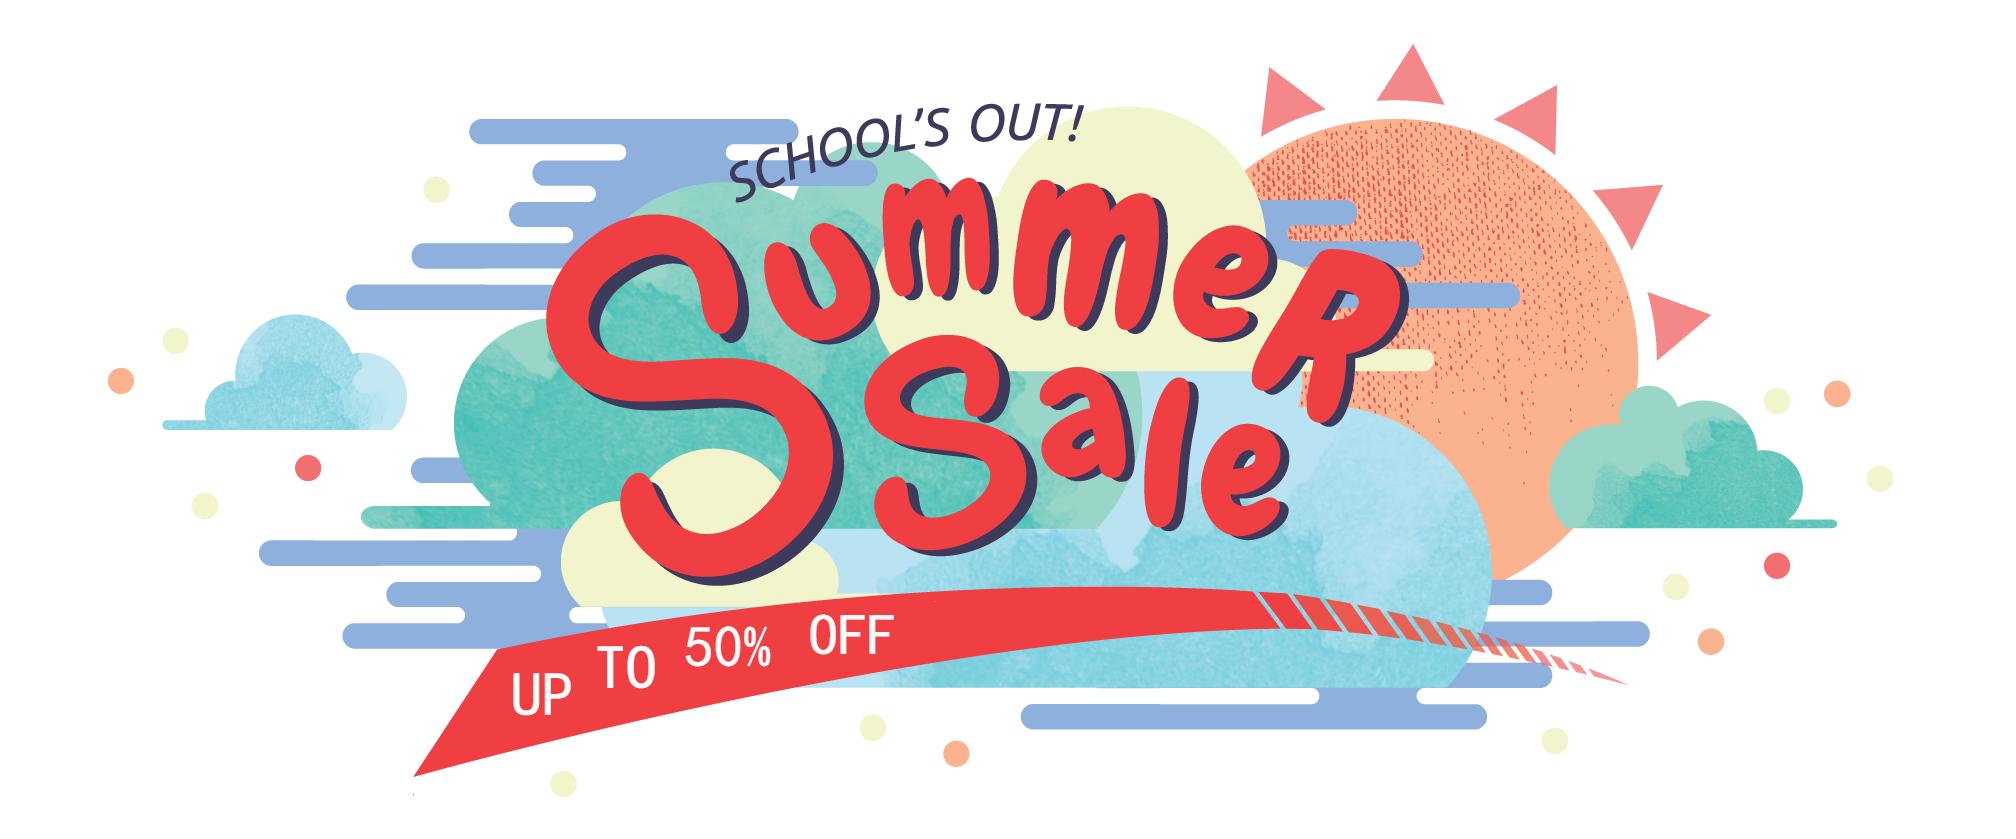 Schools-Out-Sale